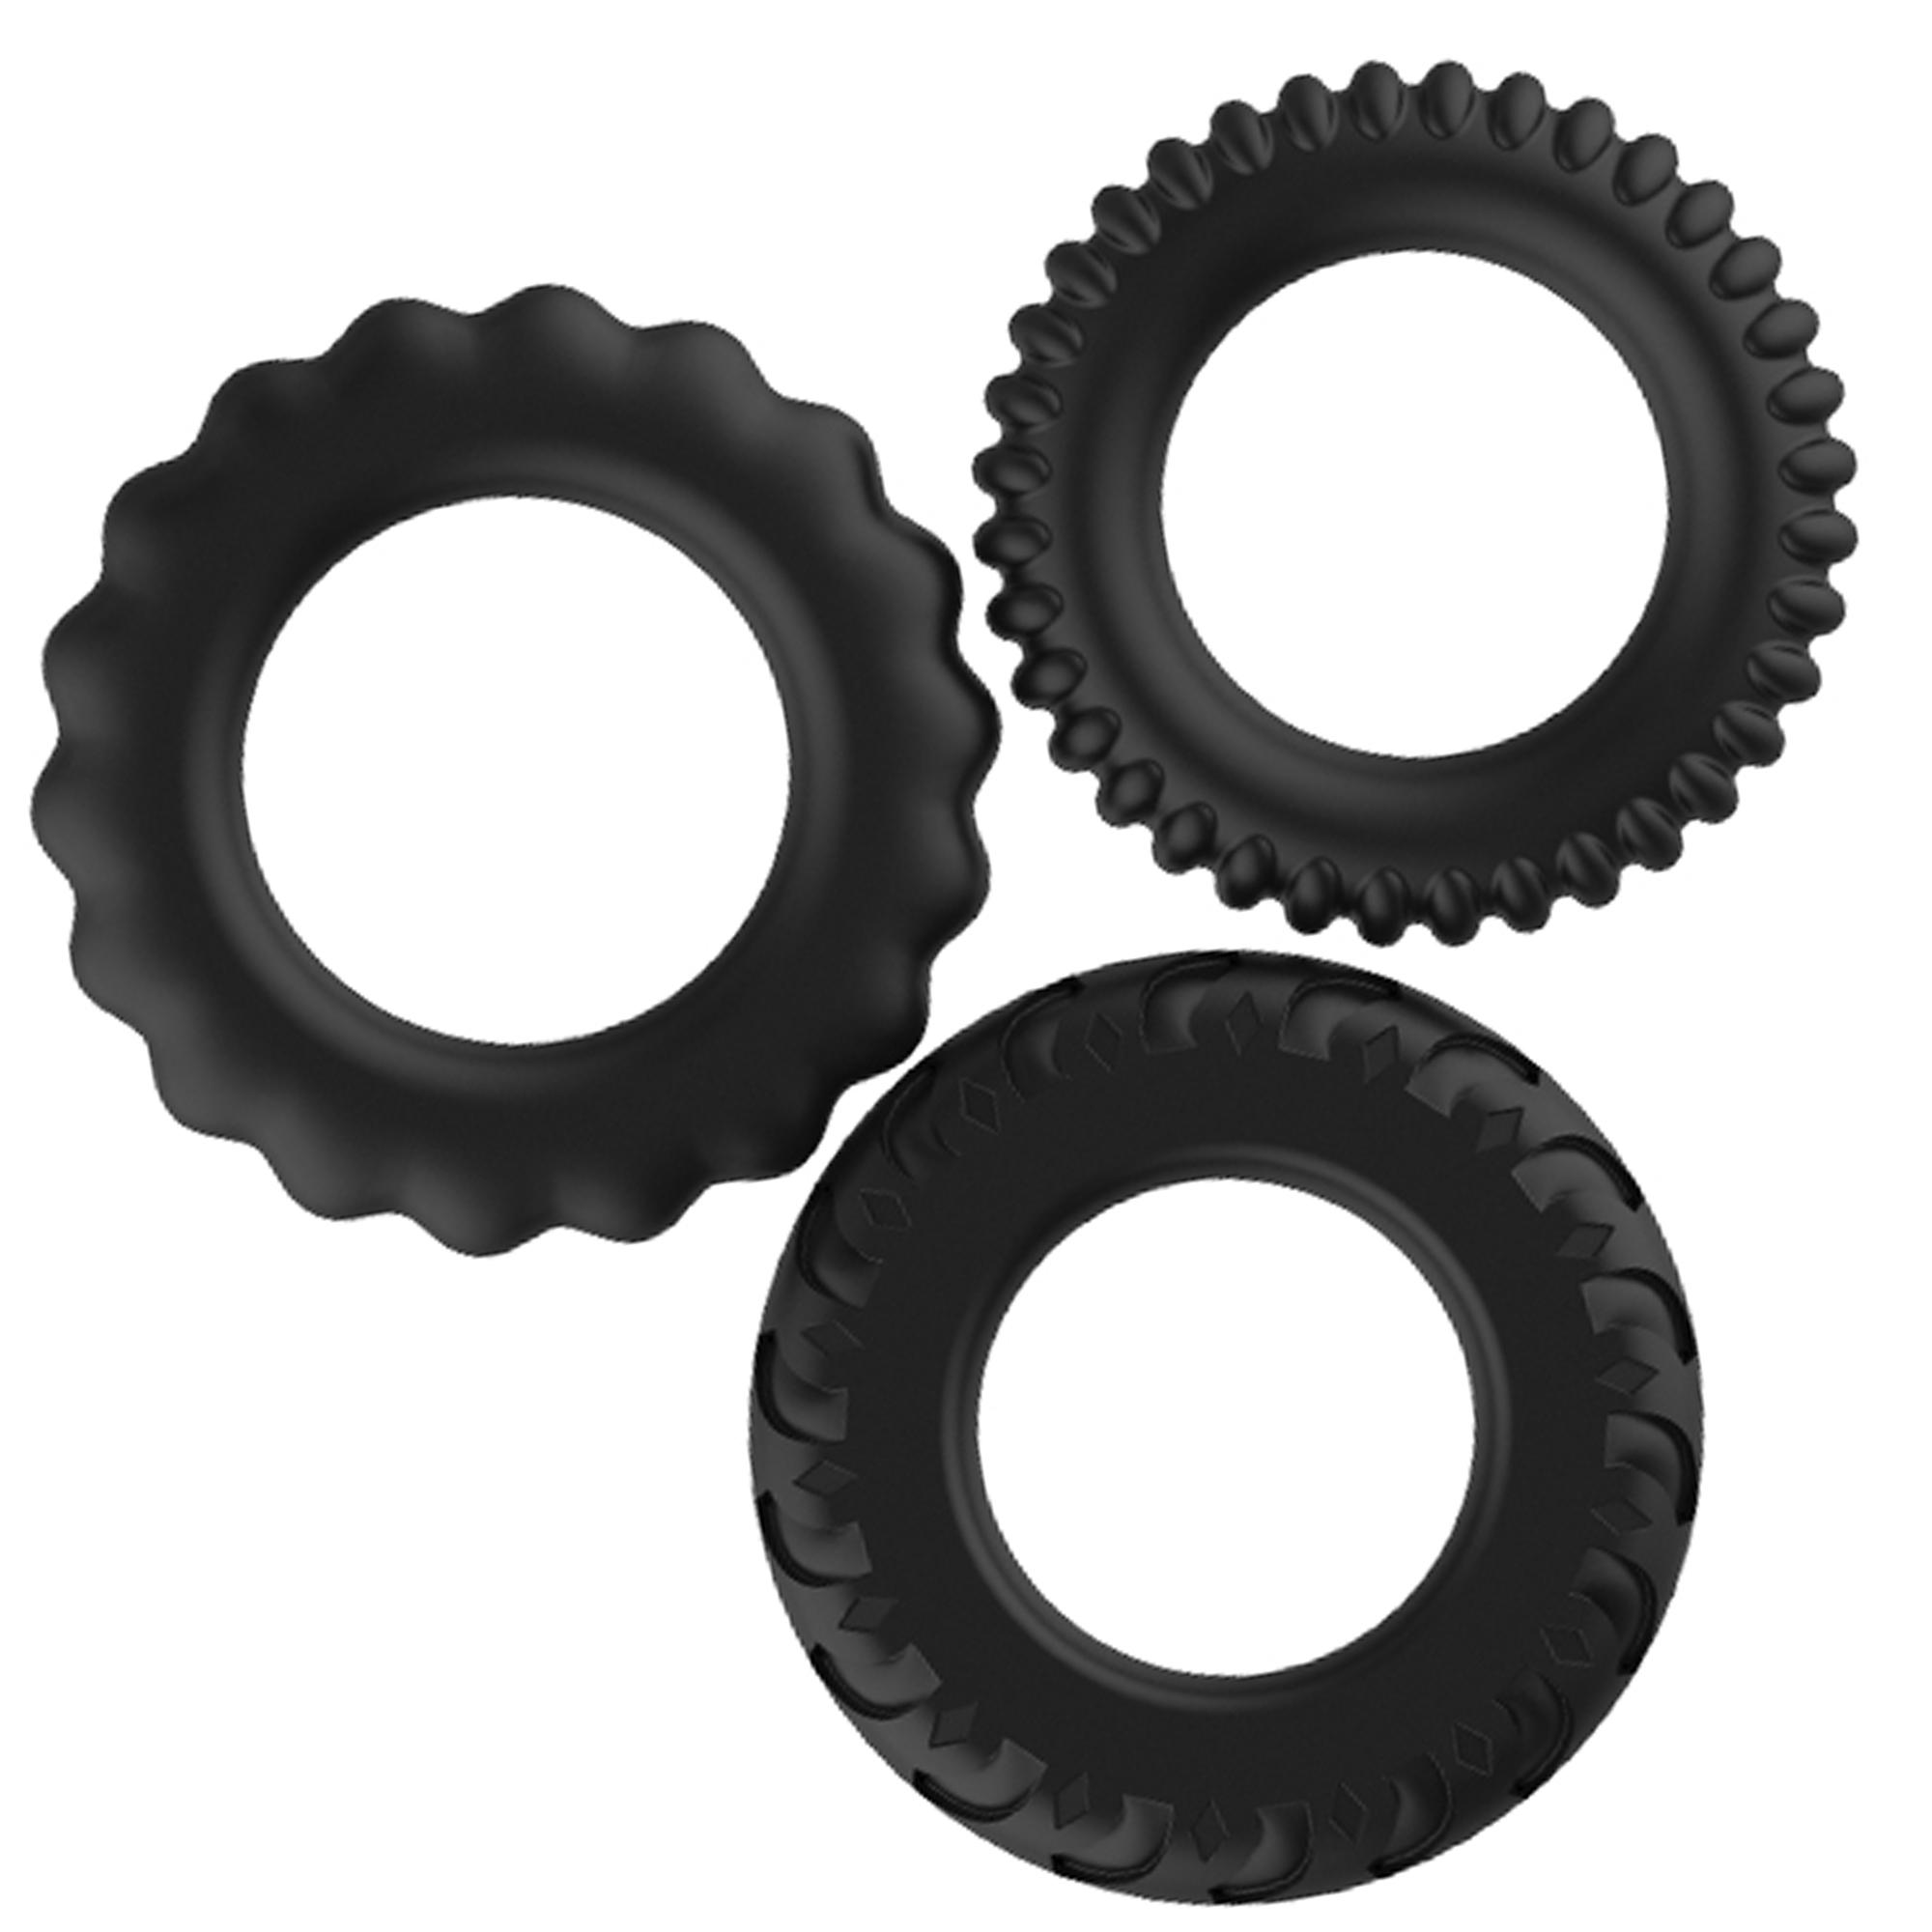 Titan 3-pack Rings